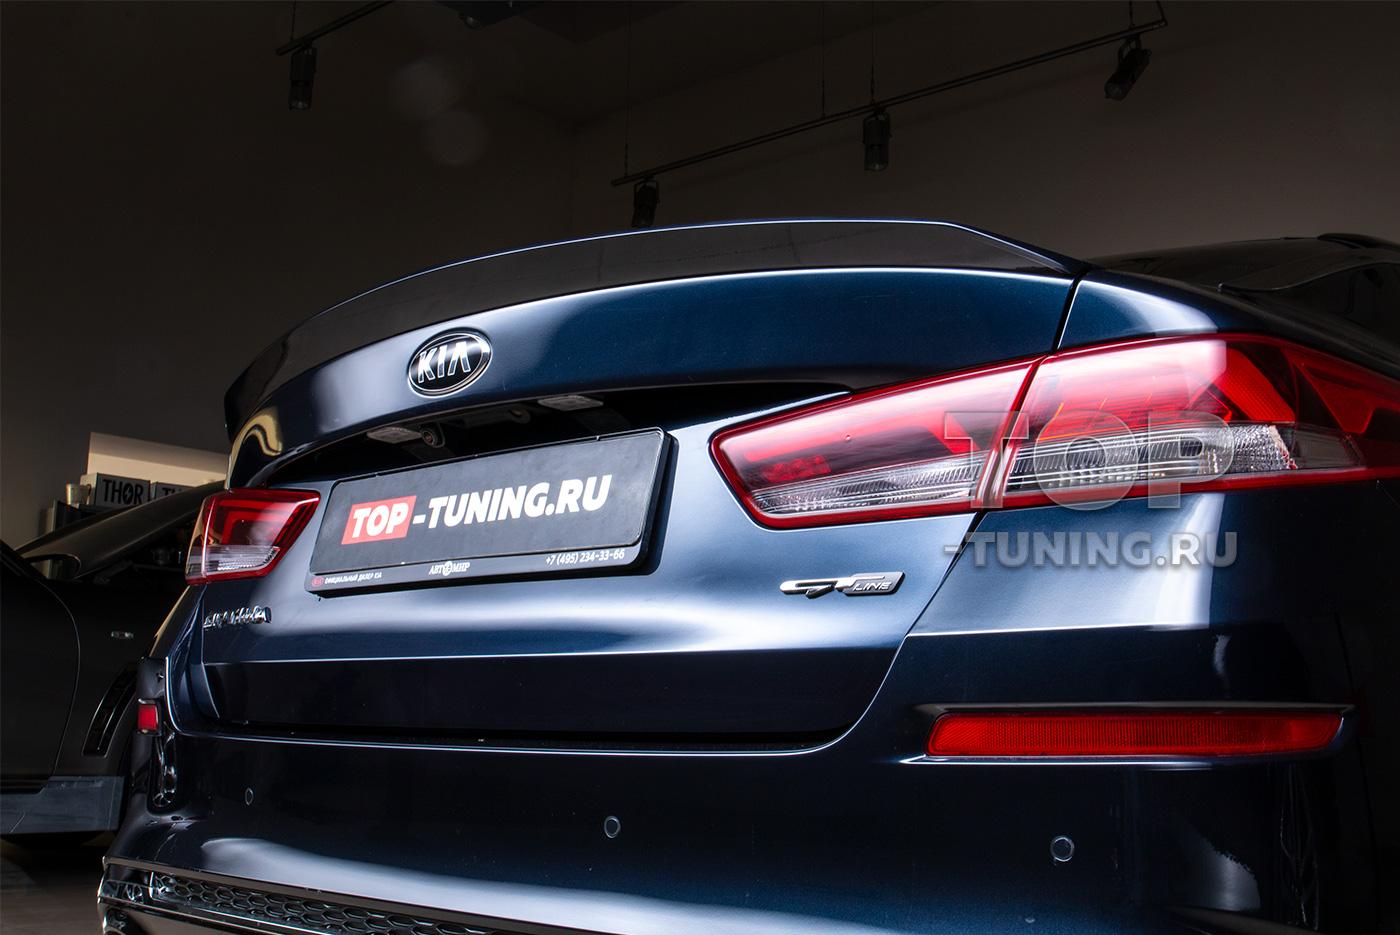 9623 Спойлер Advance на Kia Optima 4 окрашенный в цвет кузова